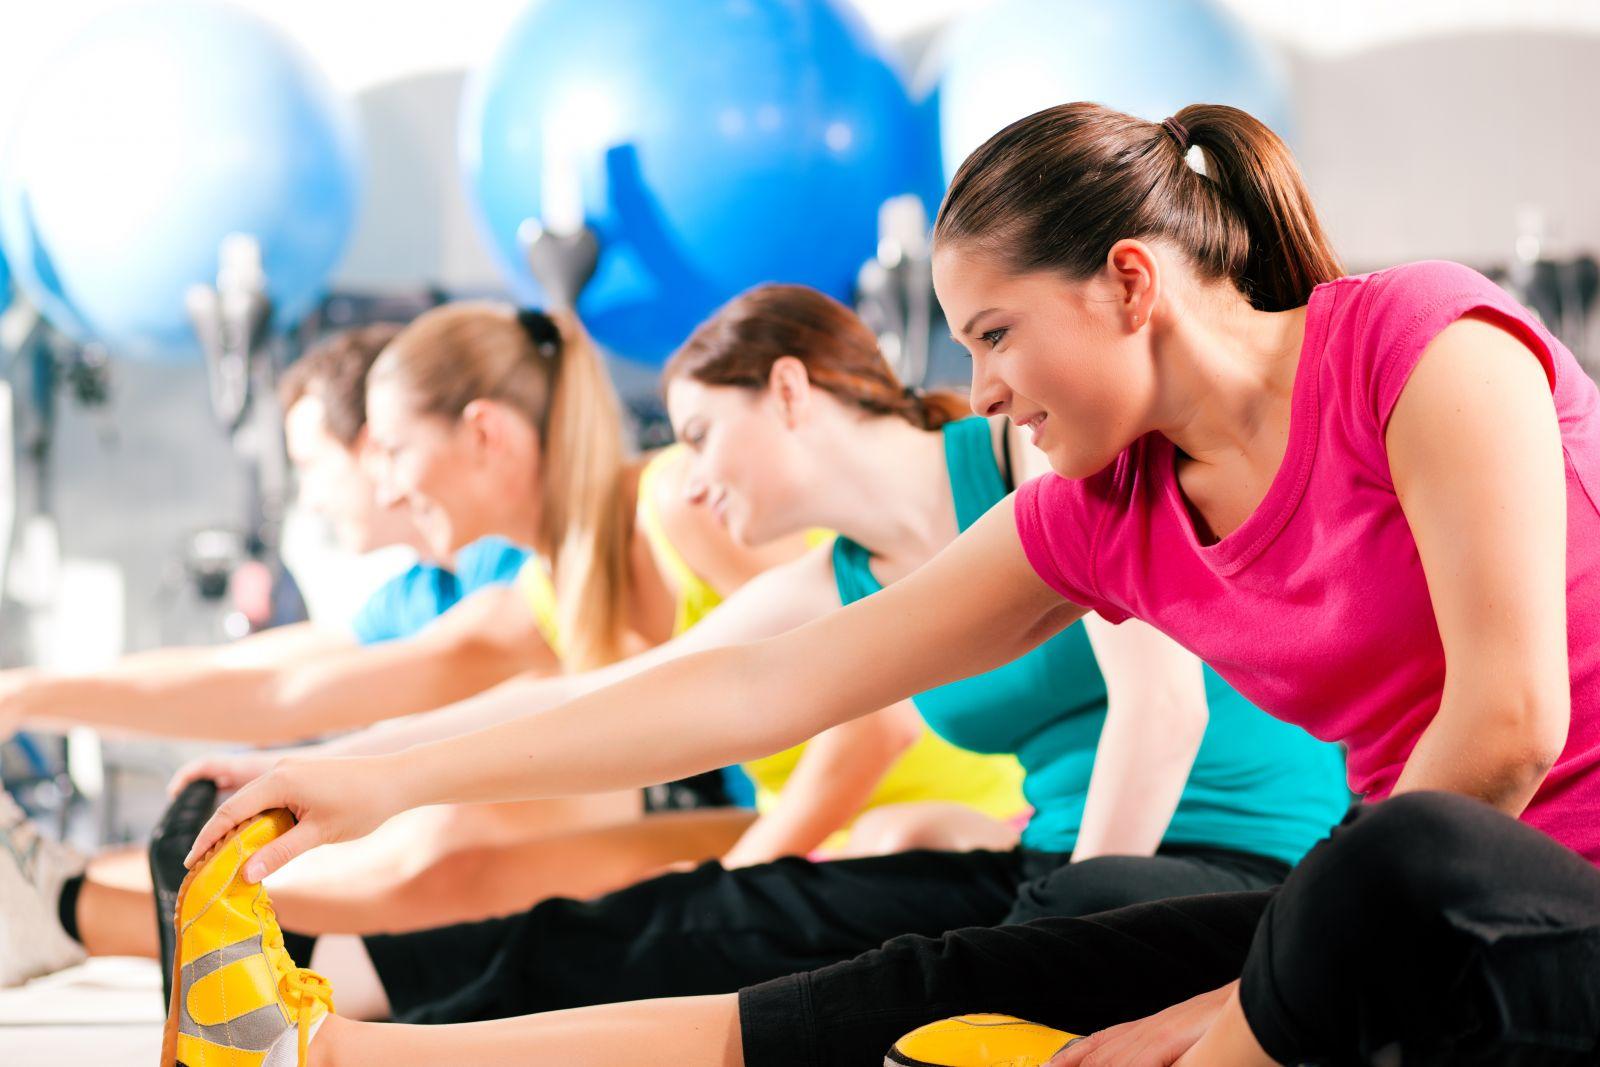 دراسة : ممارسة الرياضة تقي من الاصابة بالسرطان